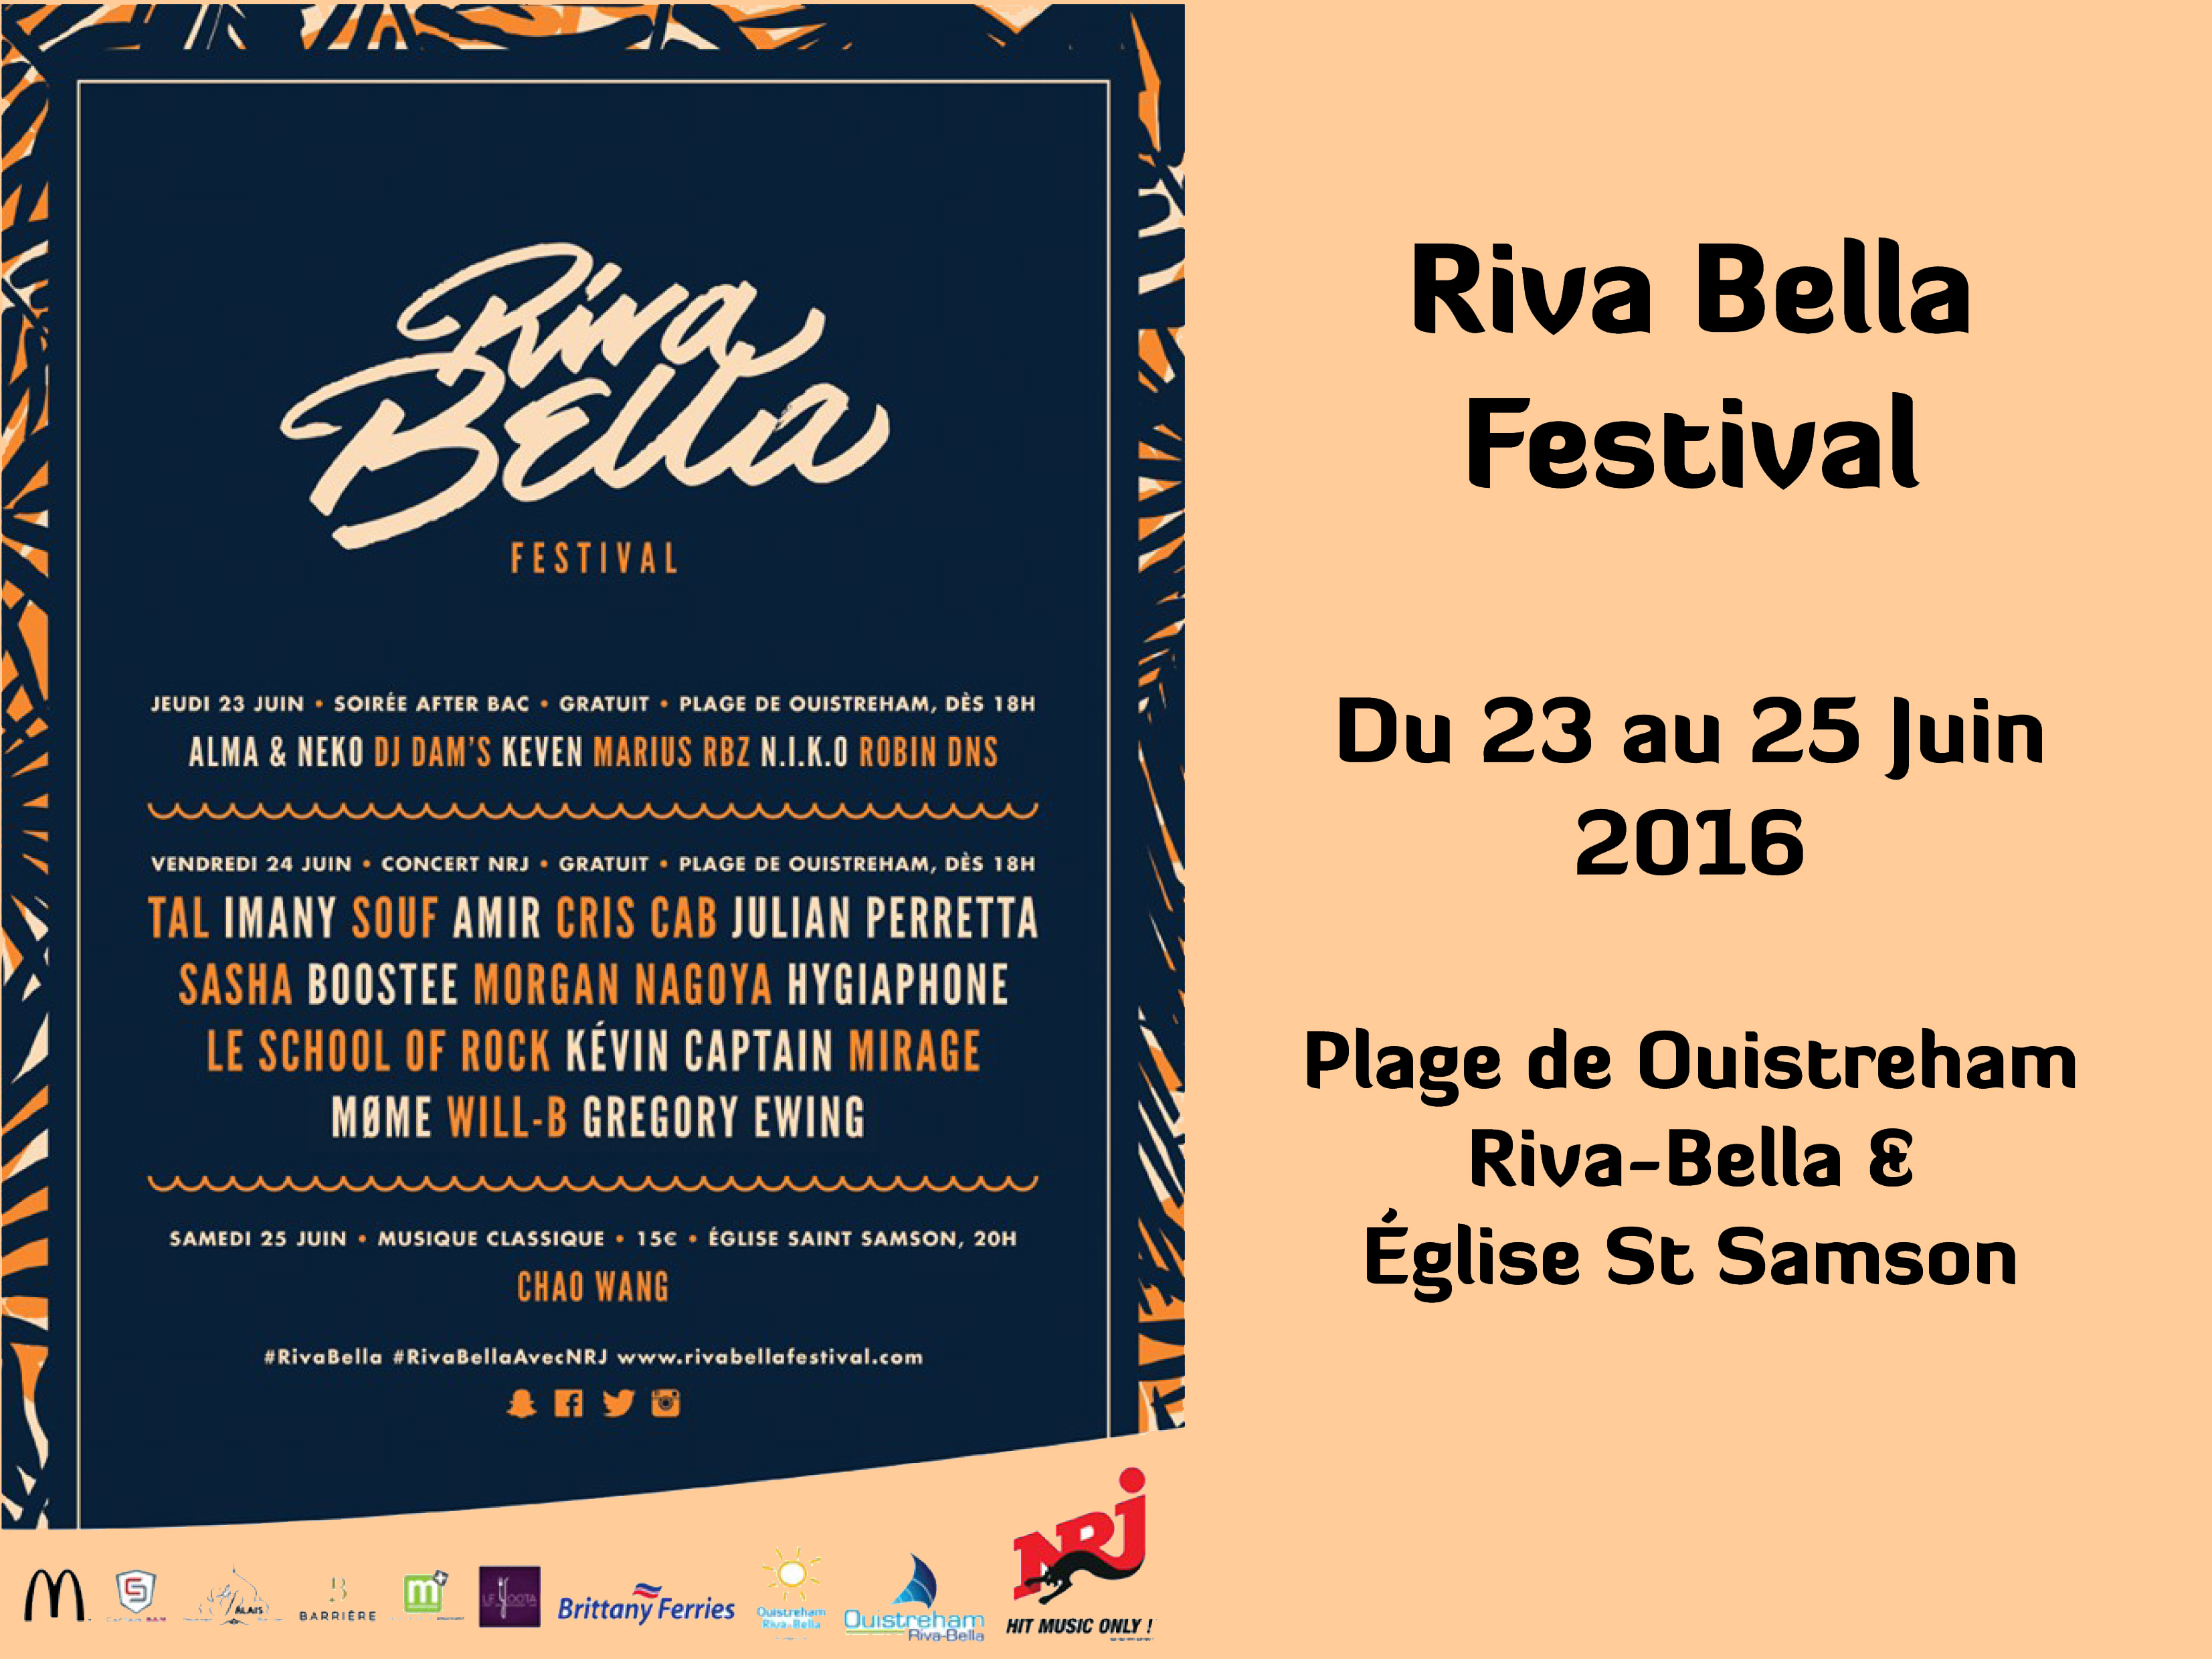 Riva Bella Festival 2016